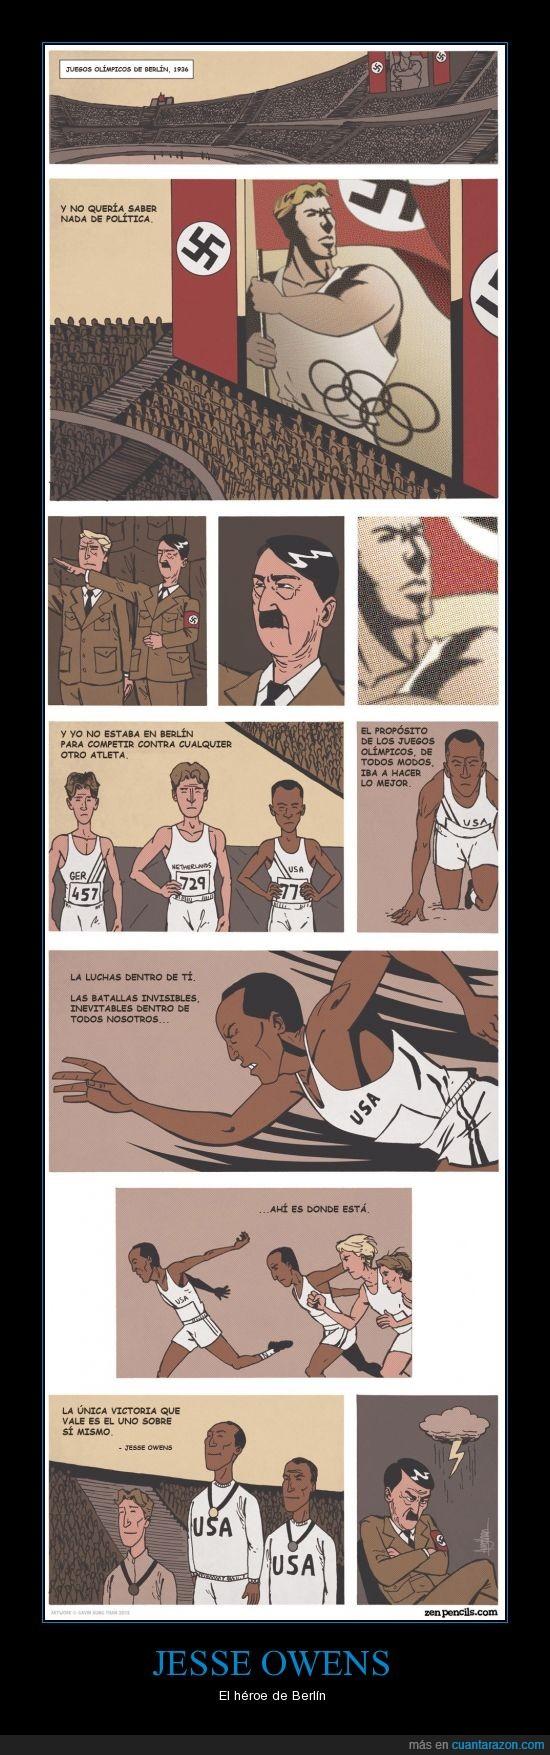 1936,4 medallas de Oro,Adolf Hitler,Atletismo,Berlín,Jesse Owens,Juegos Olímpicos